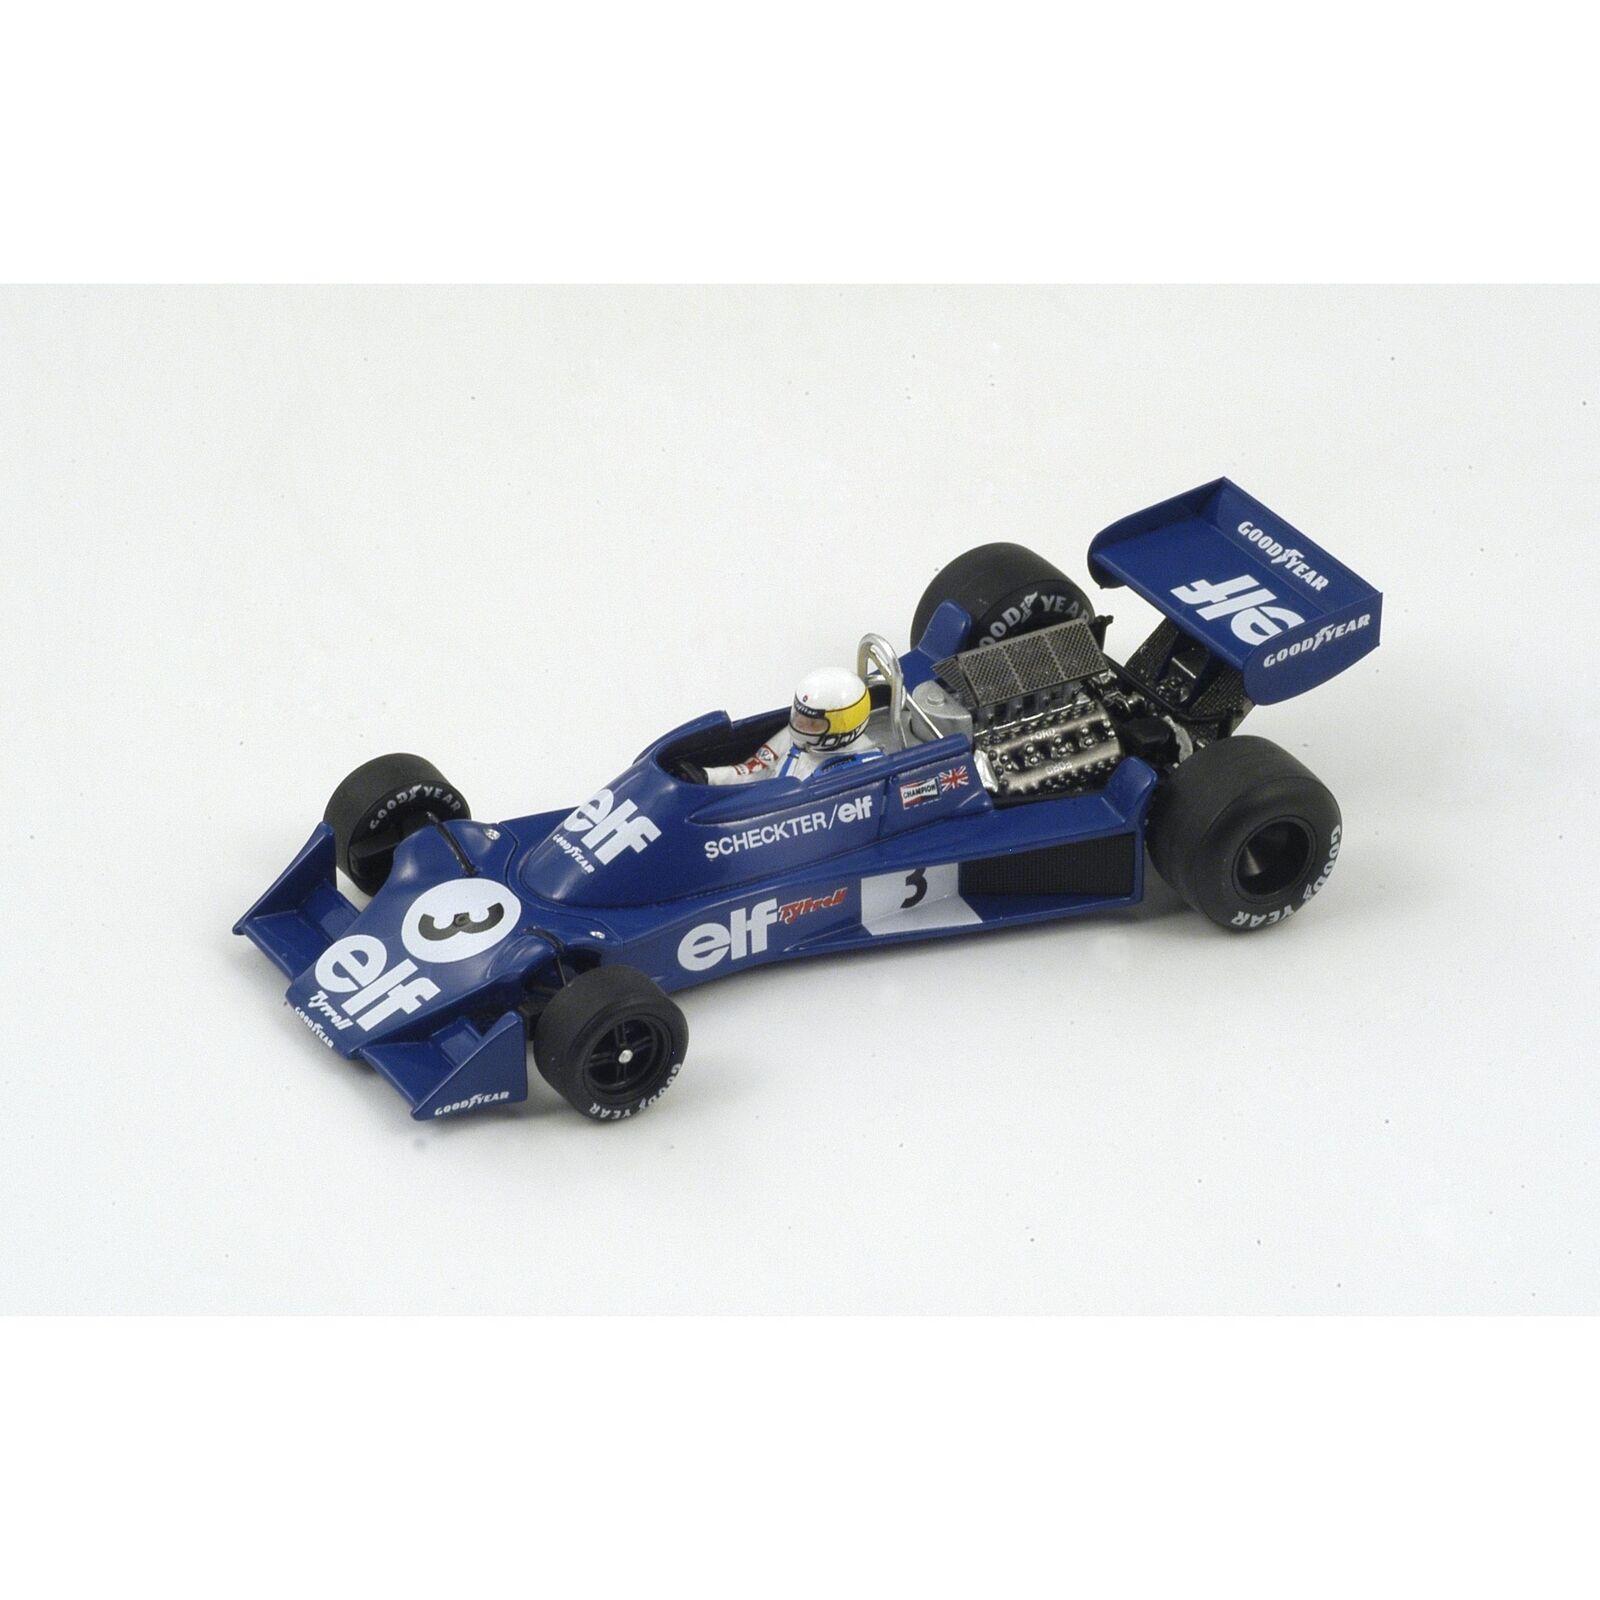 SPARK Tyrrell 007 No.3 GP d'Espagne 1976 Jody Scheckter S1882 1/43 | Que Nos Produits Vont Dans Le Monde